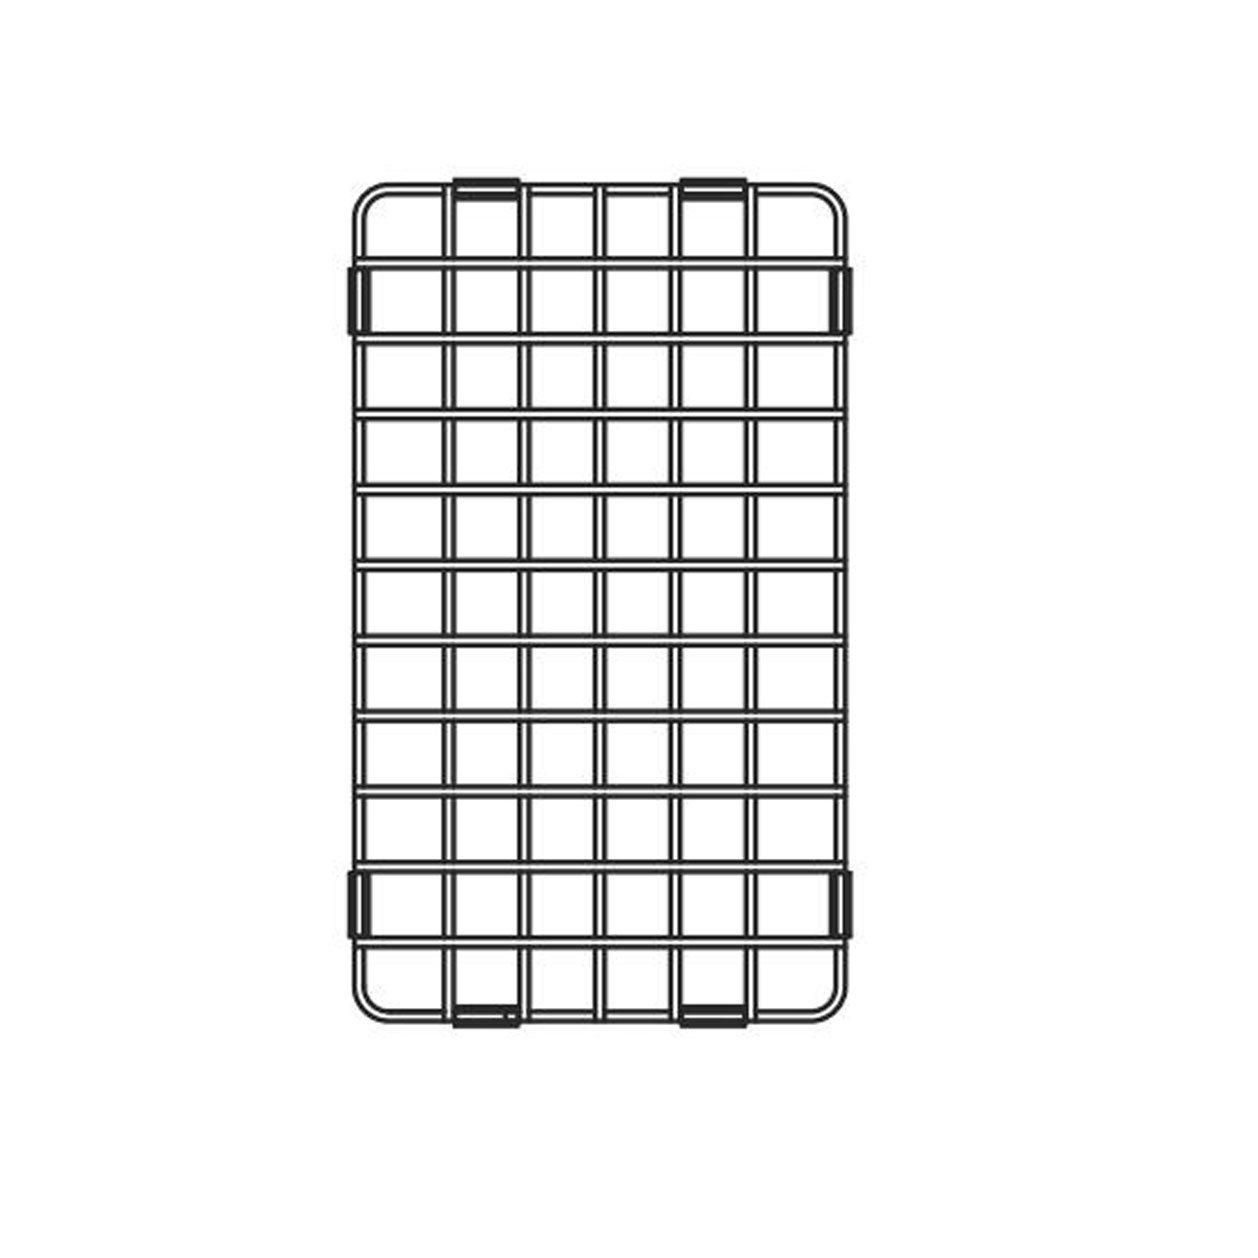 Franke CE19-31S  Centinox Kitchen Sink Bottom Grid